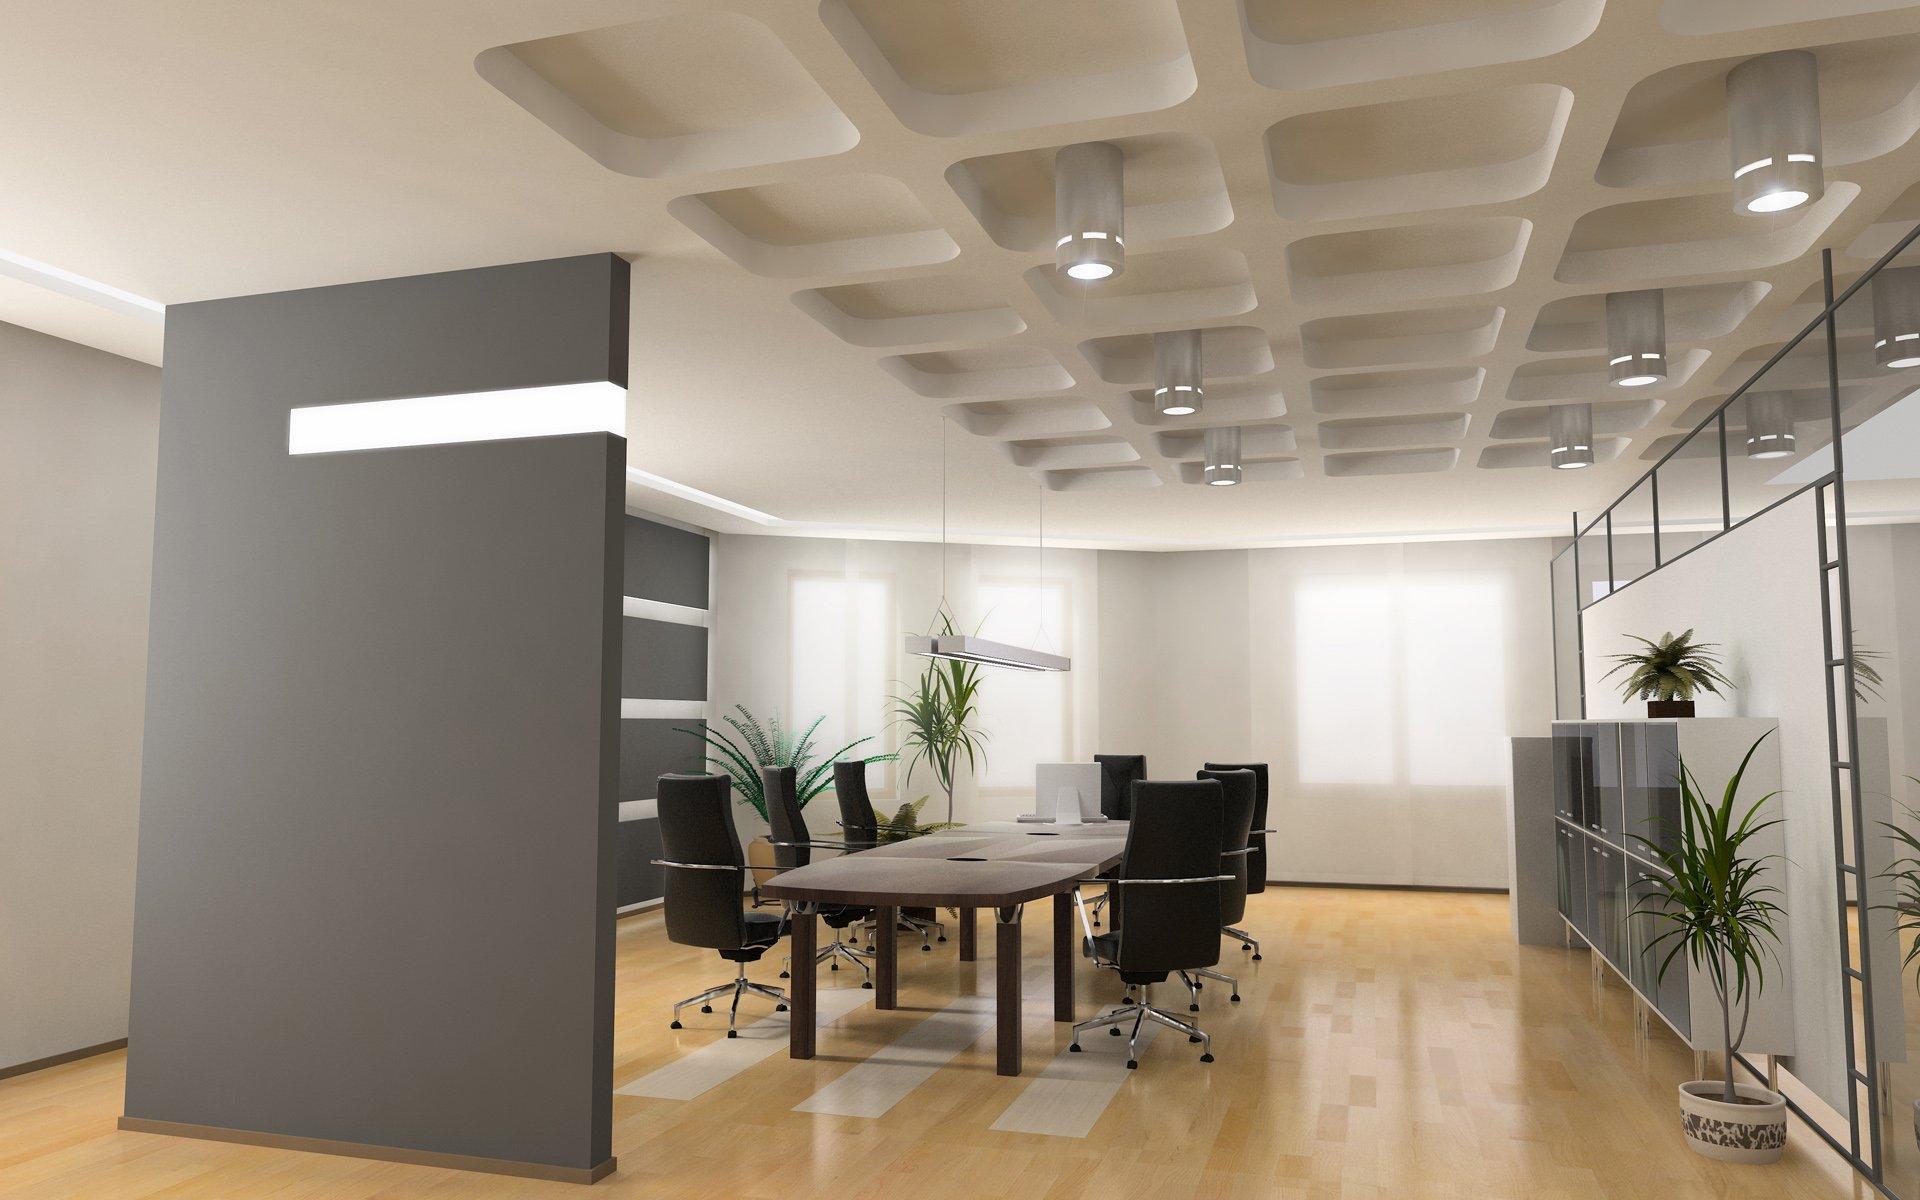 Business Meeting Wallpaper - WallpaperSafari